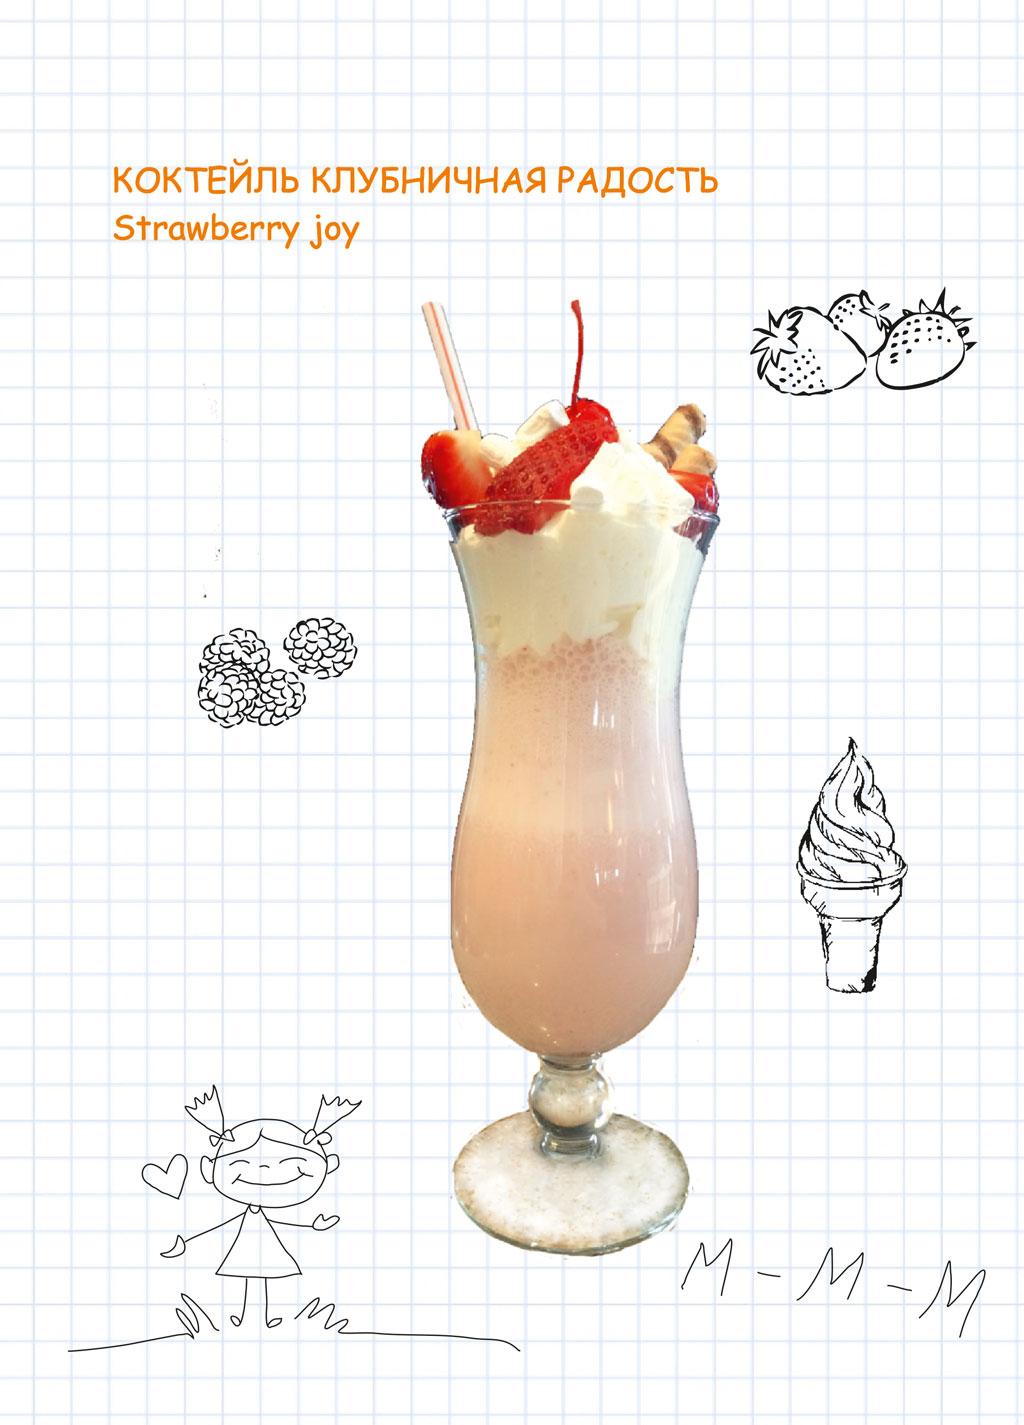 Коктейль Клубничная Радость (Milk shake Strawberry Joy) в ресторане Аннам Брахма в Оренбурге